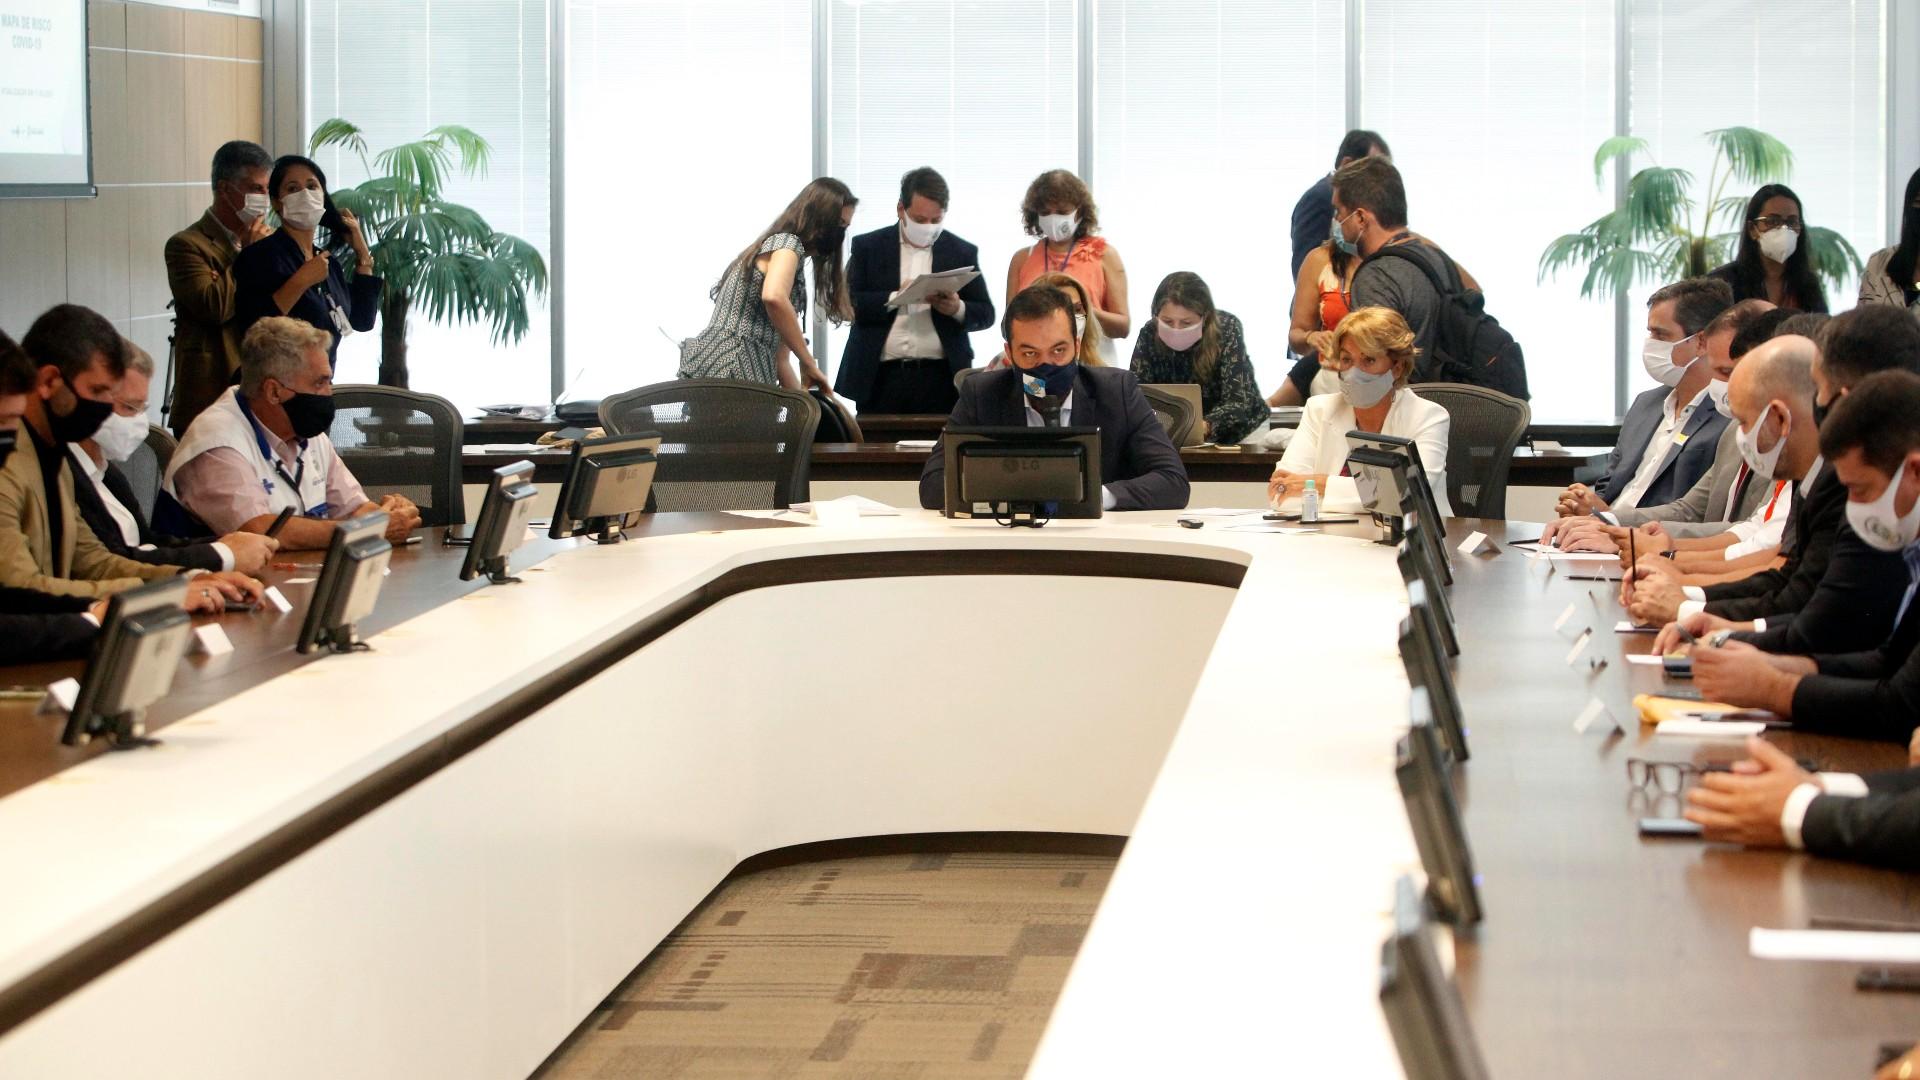 Governador Cláudio Castro se reuniu com prefeitos do Rio de Janeiro nesta sexta